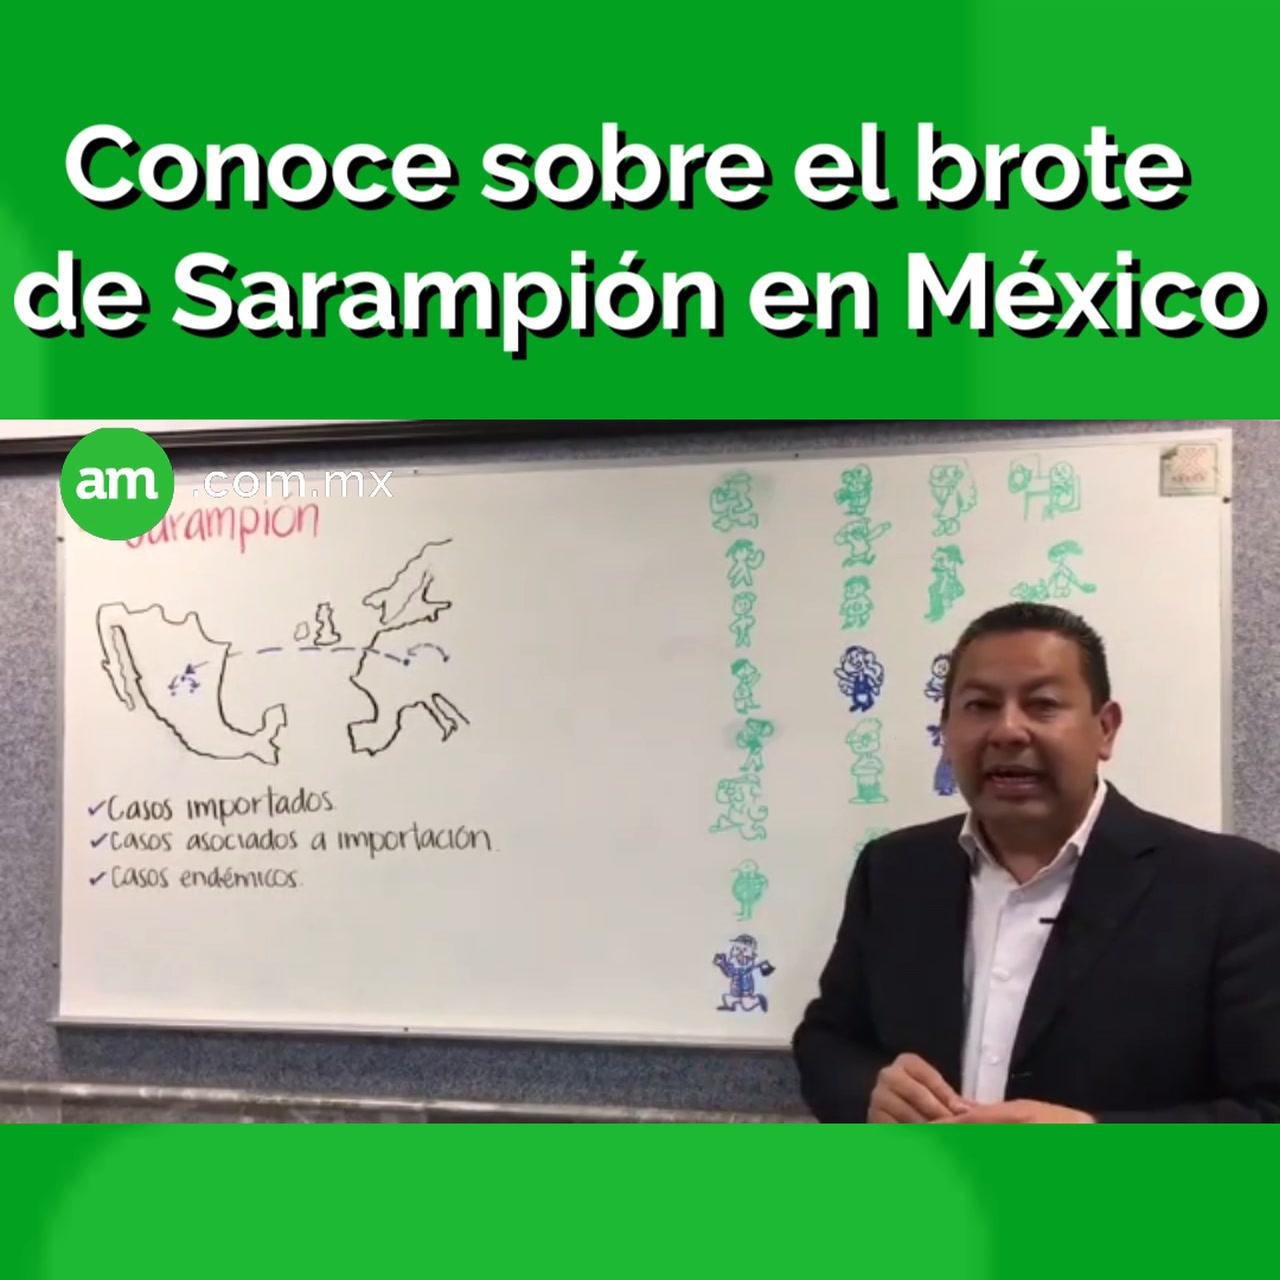 Infórmate sobre el sarampión en México